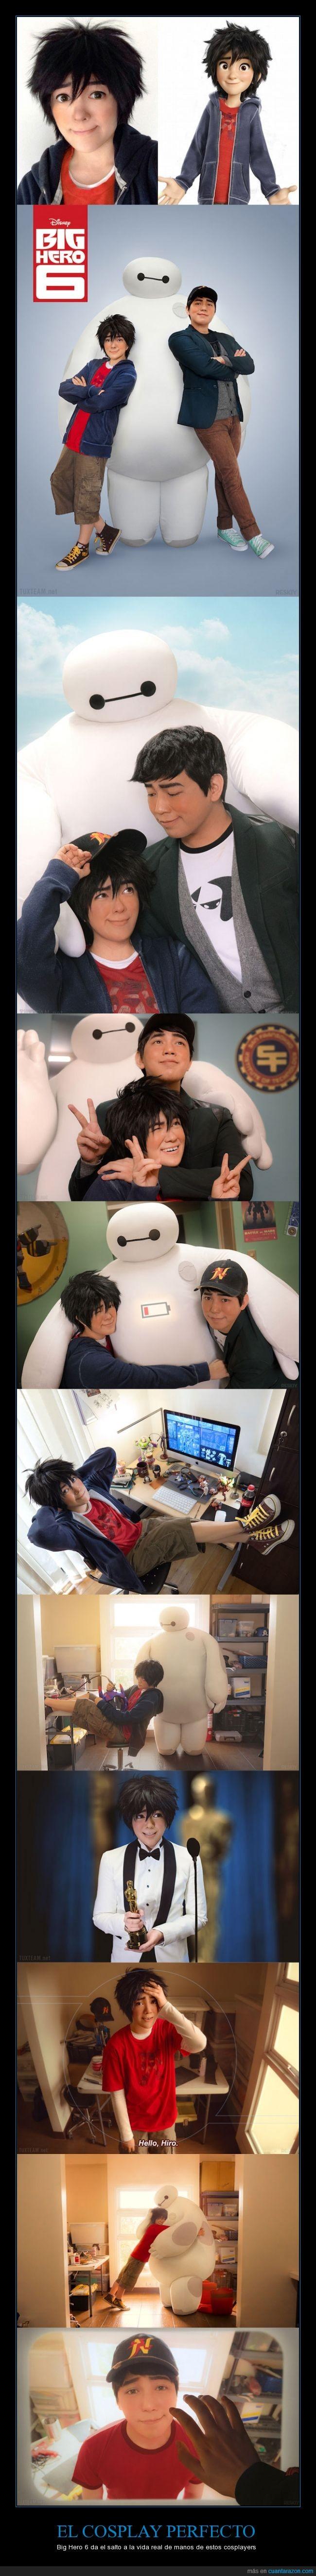 Bayman,clavado,cosplay,disfraz,disfrazarse,Hiro,perfecto,Tadashi